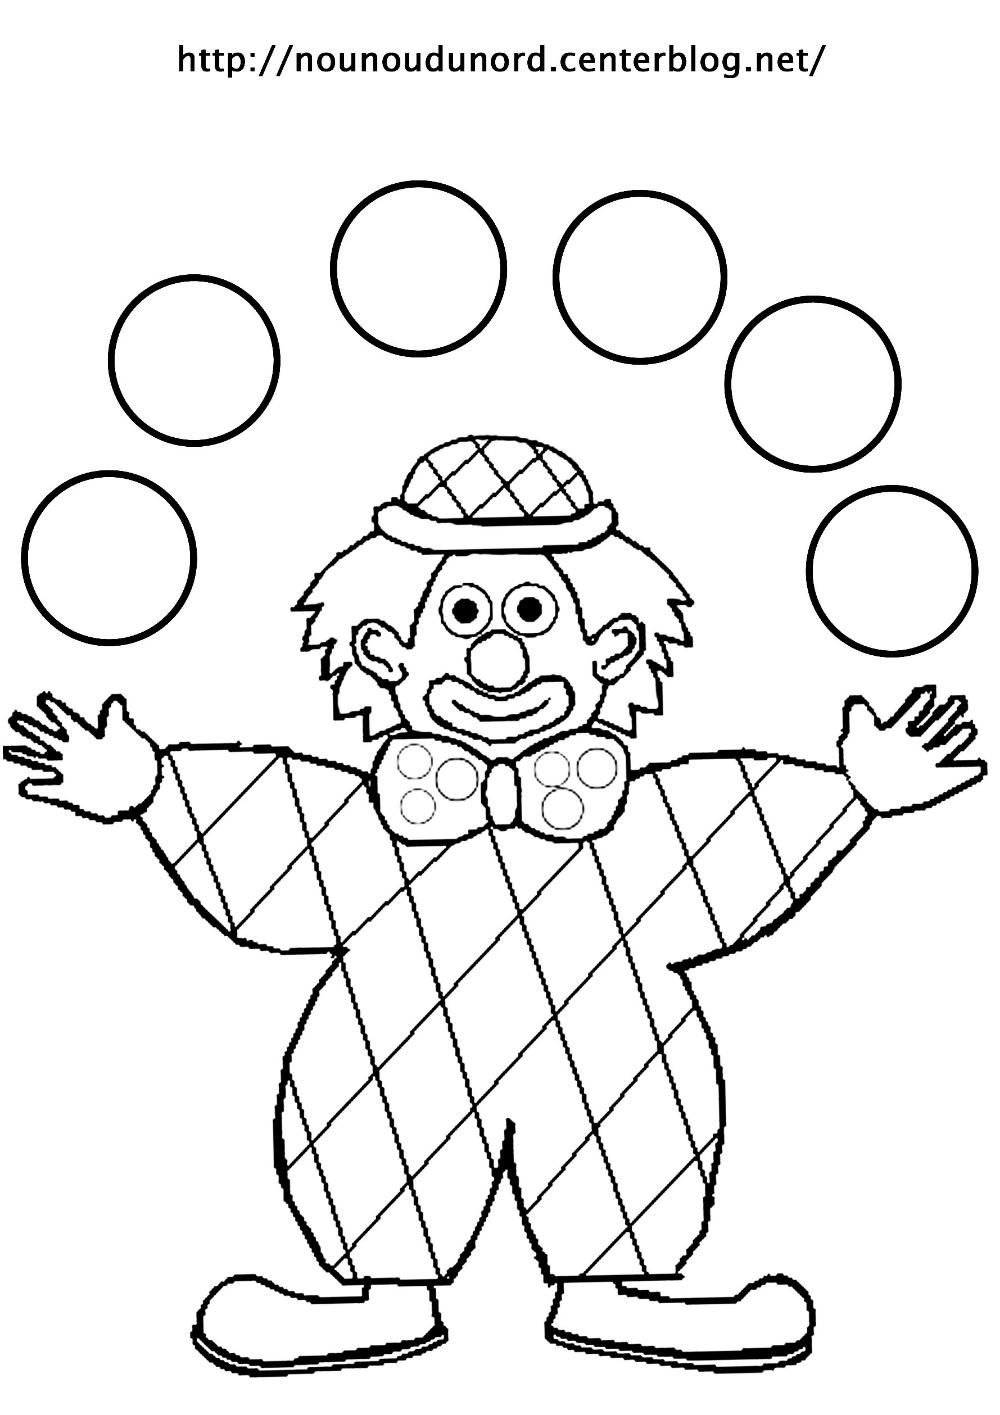 Clown #16 (Personnages) – Coloriages À Imprimer À Coloriage tout Coloriage Clown A Imprimer